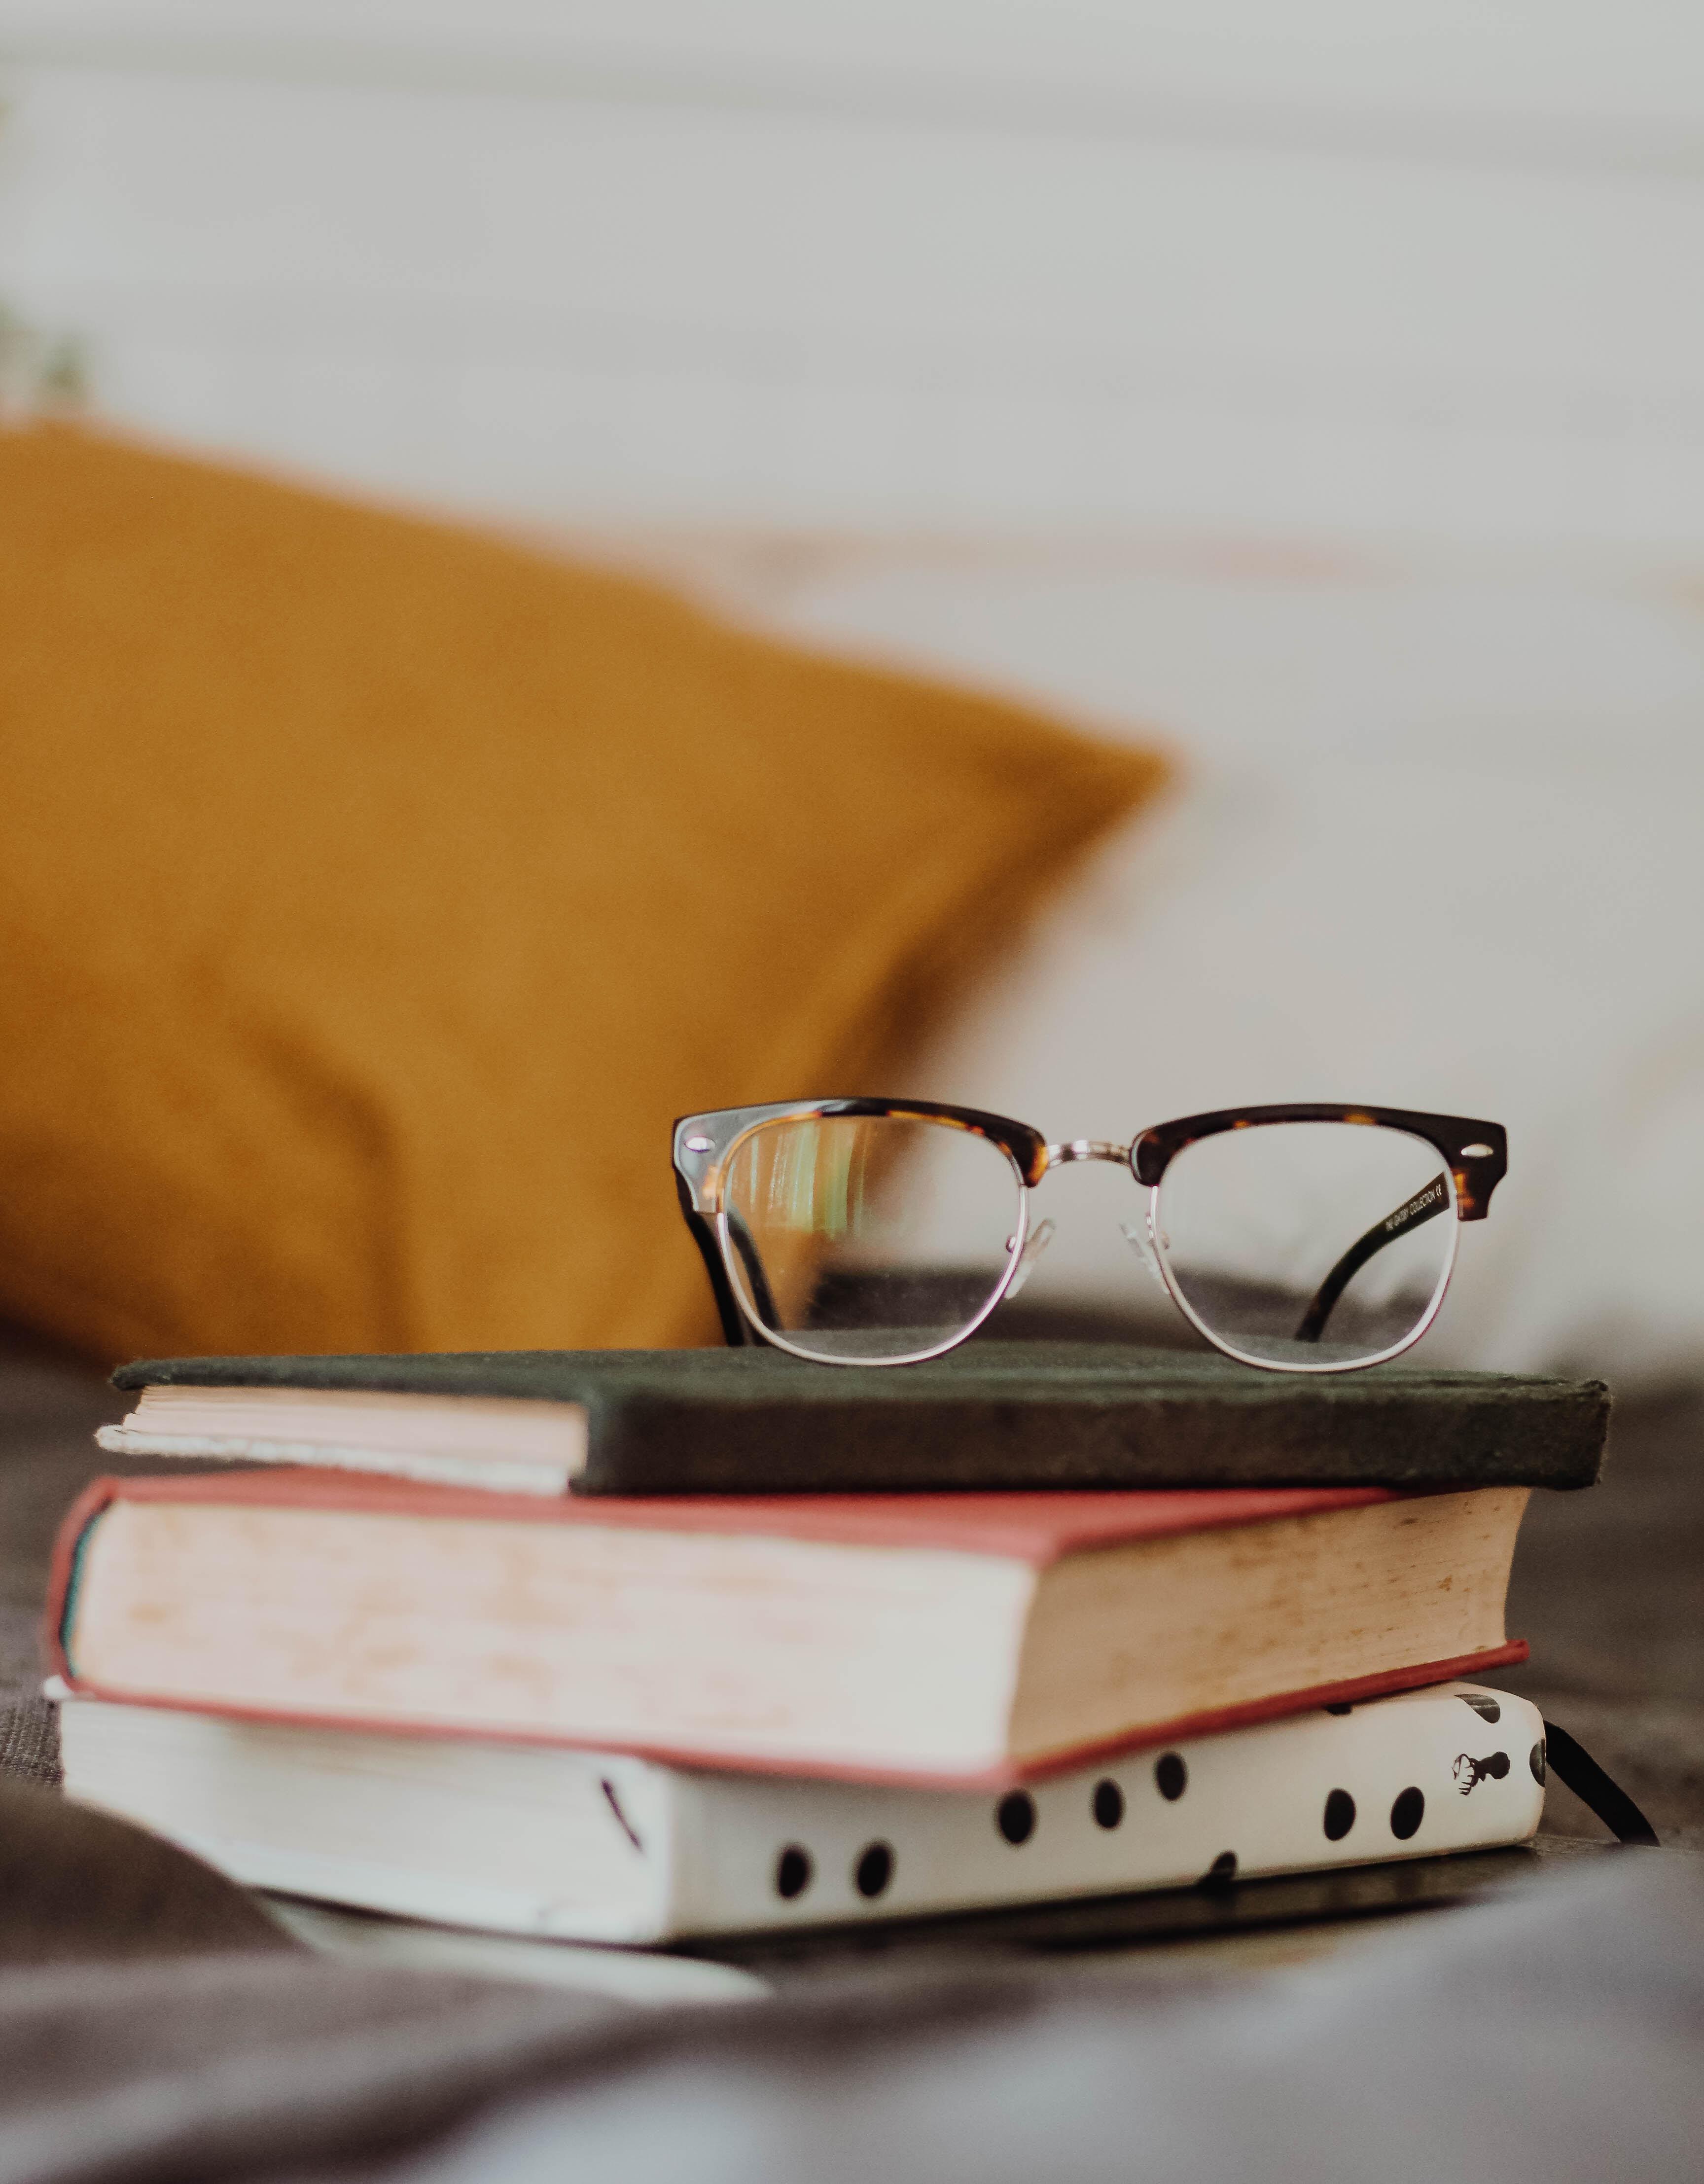 Uitdaging voor 2017 • 12 boeken uitlezen